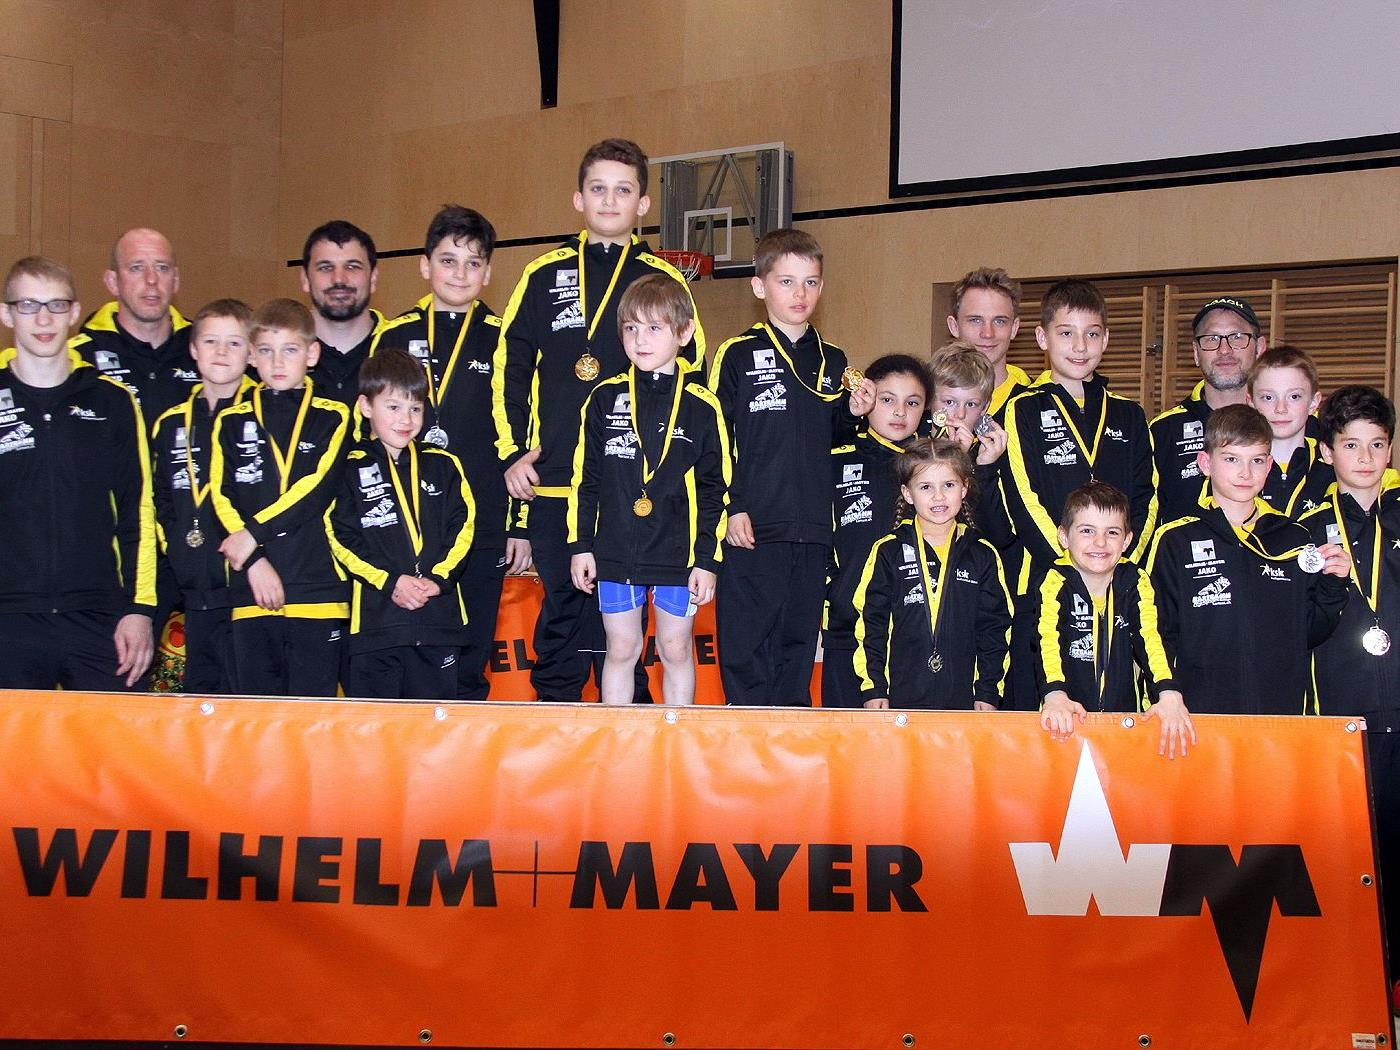 Die stolzen Nachwuchsringer des KSK Klaus mit Ihren Trainern